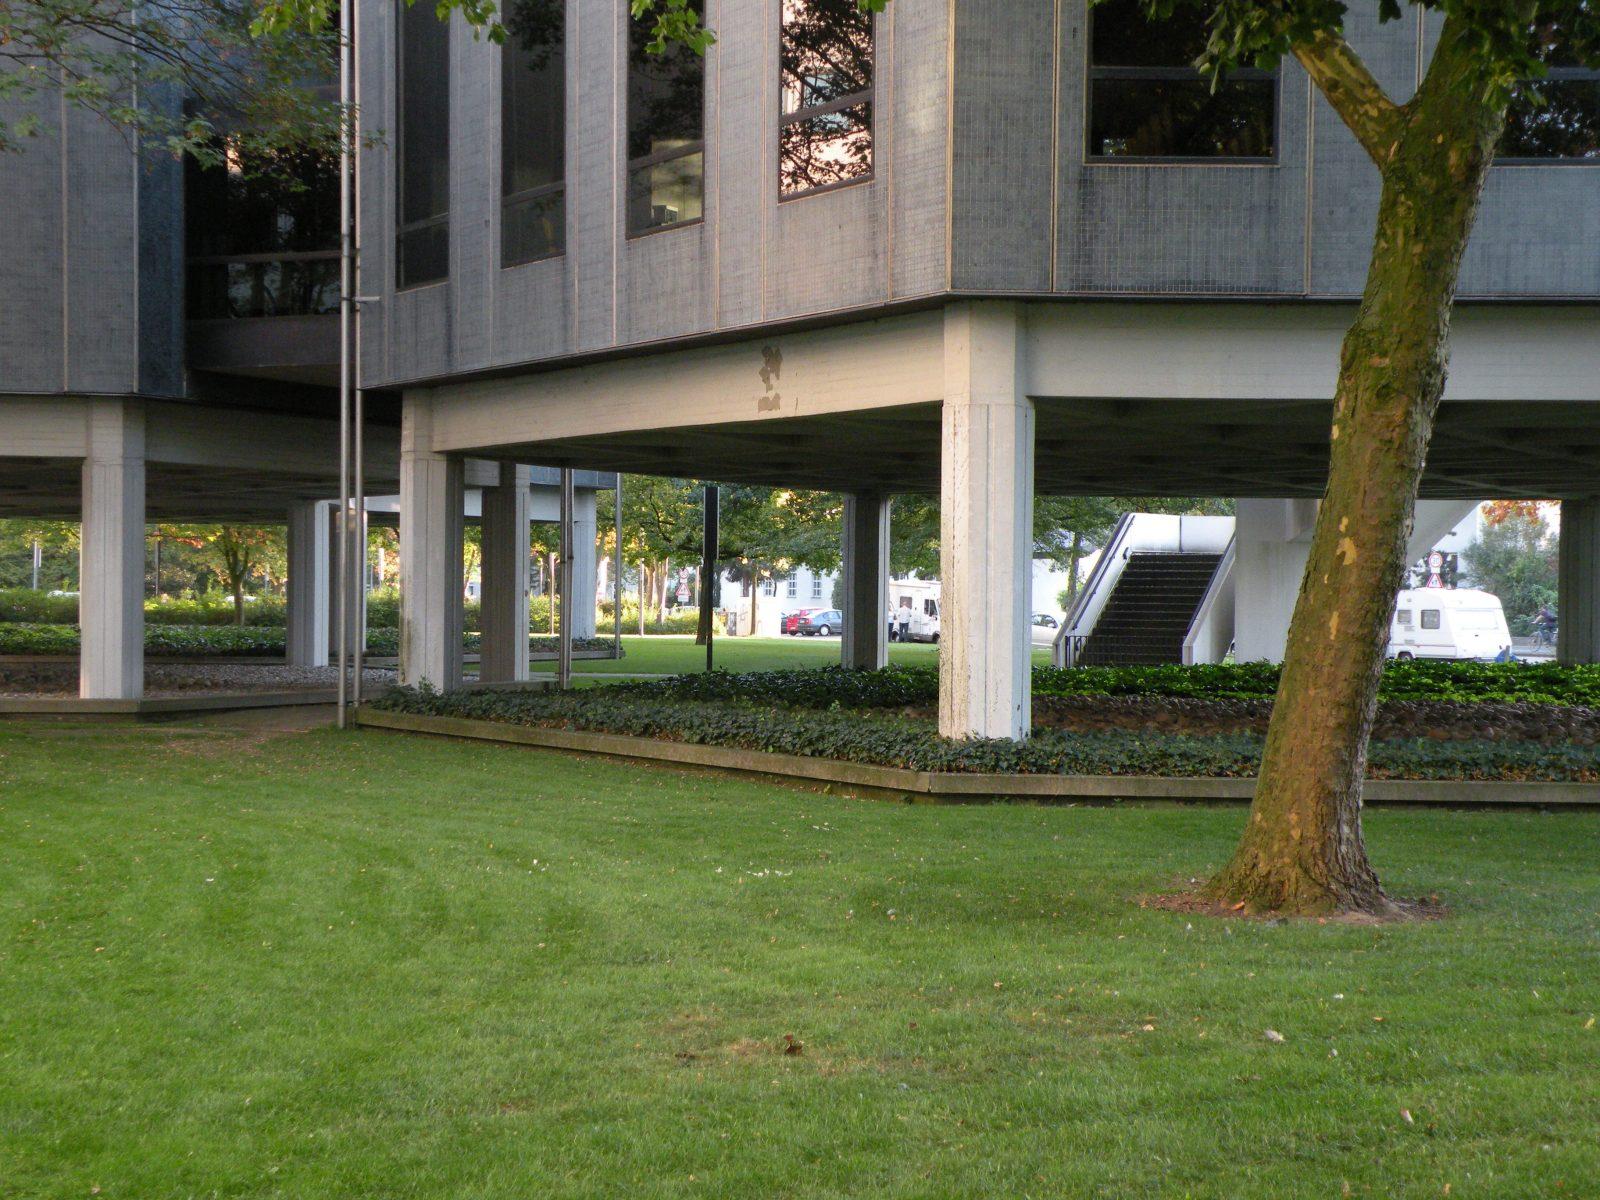 Oberfinanzdirektion Münster: Pavillons mit Konferenzräumen - Foto: Stefan Rethfeld